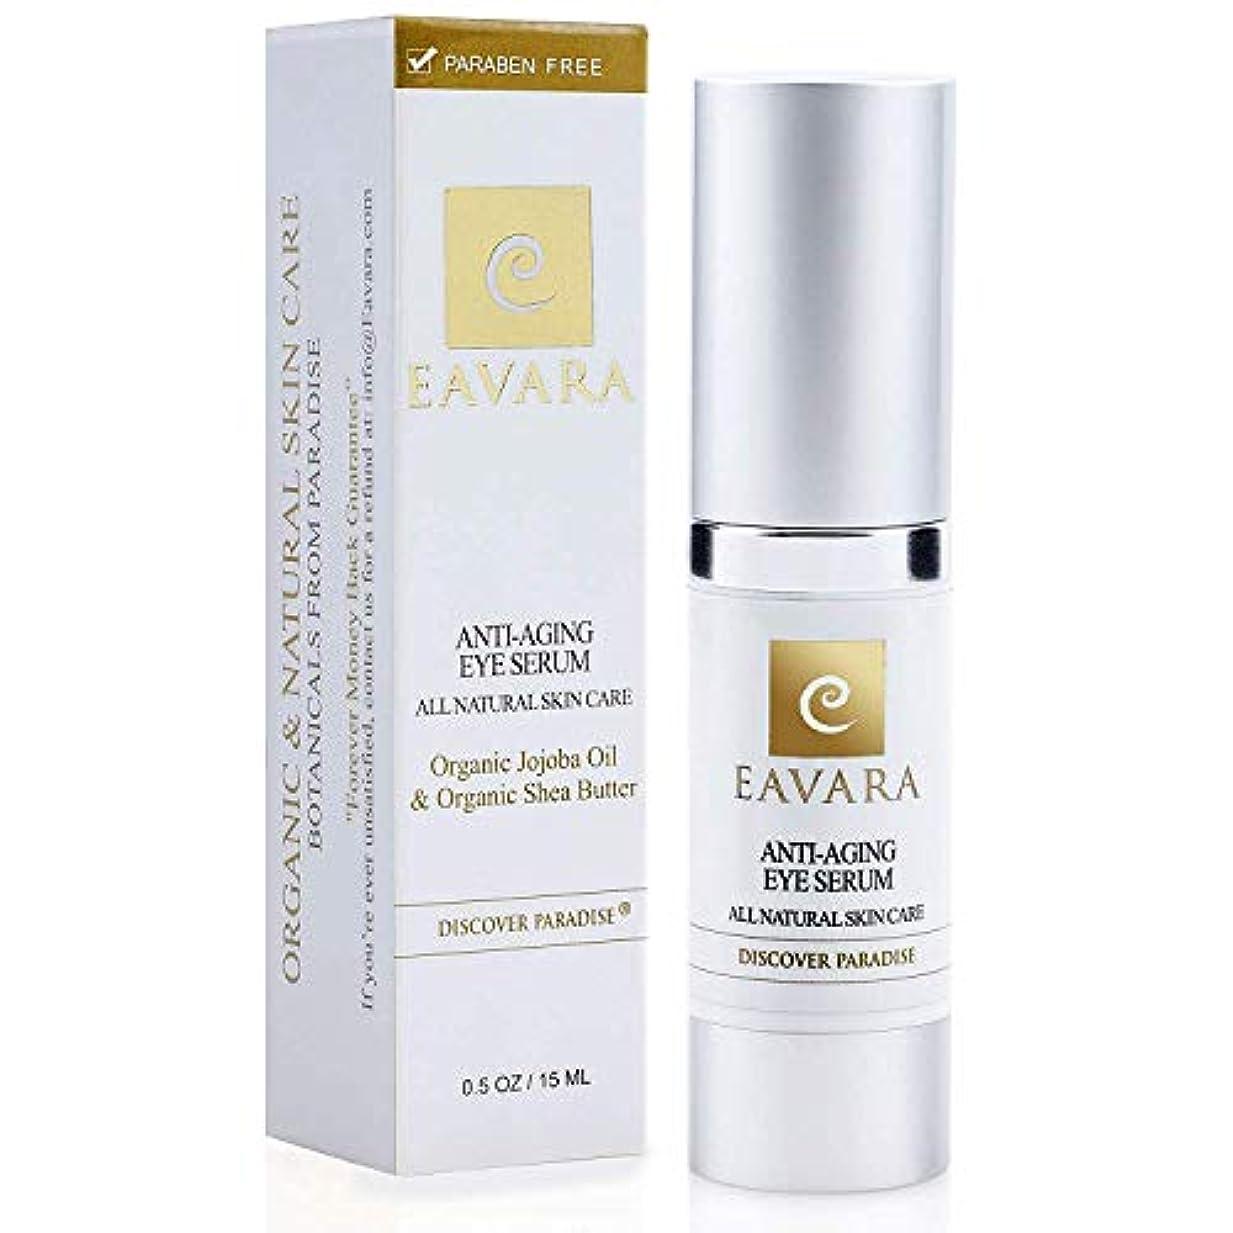 セッティング準拠クレデンシャル[Eavara] [アンチエイジングアイ血清 Organic Anti Aging Eye Serum - Award Winning Under Eye Cream for Dark Circles and Puffiness...